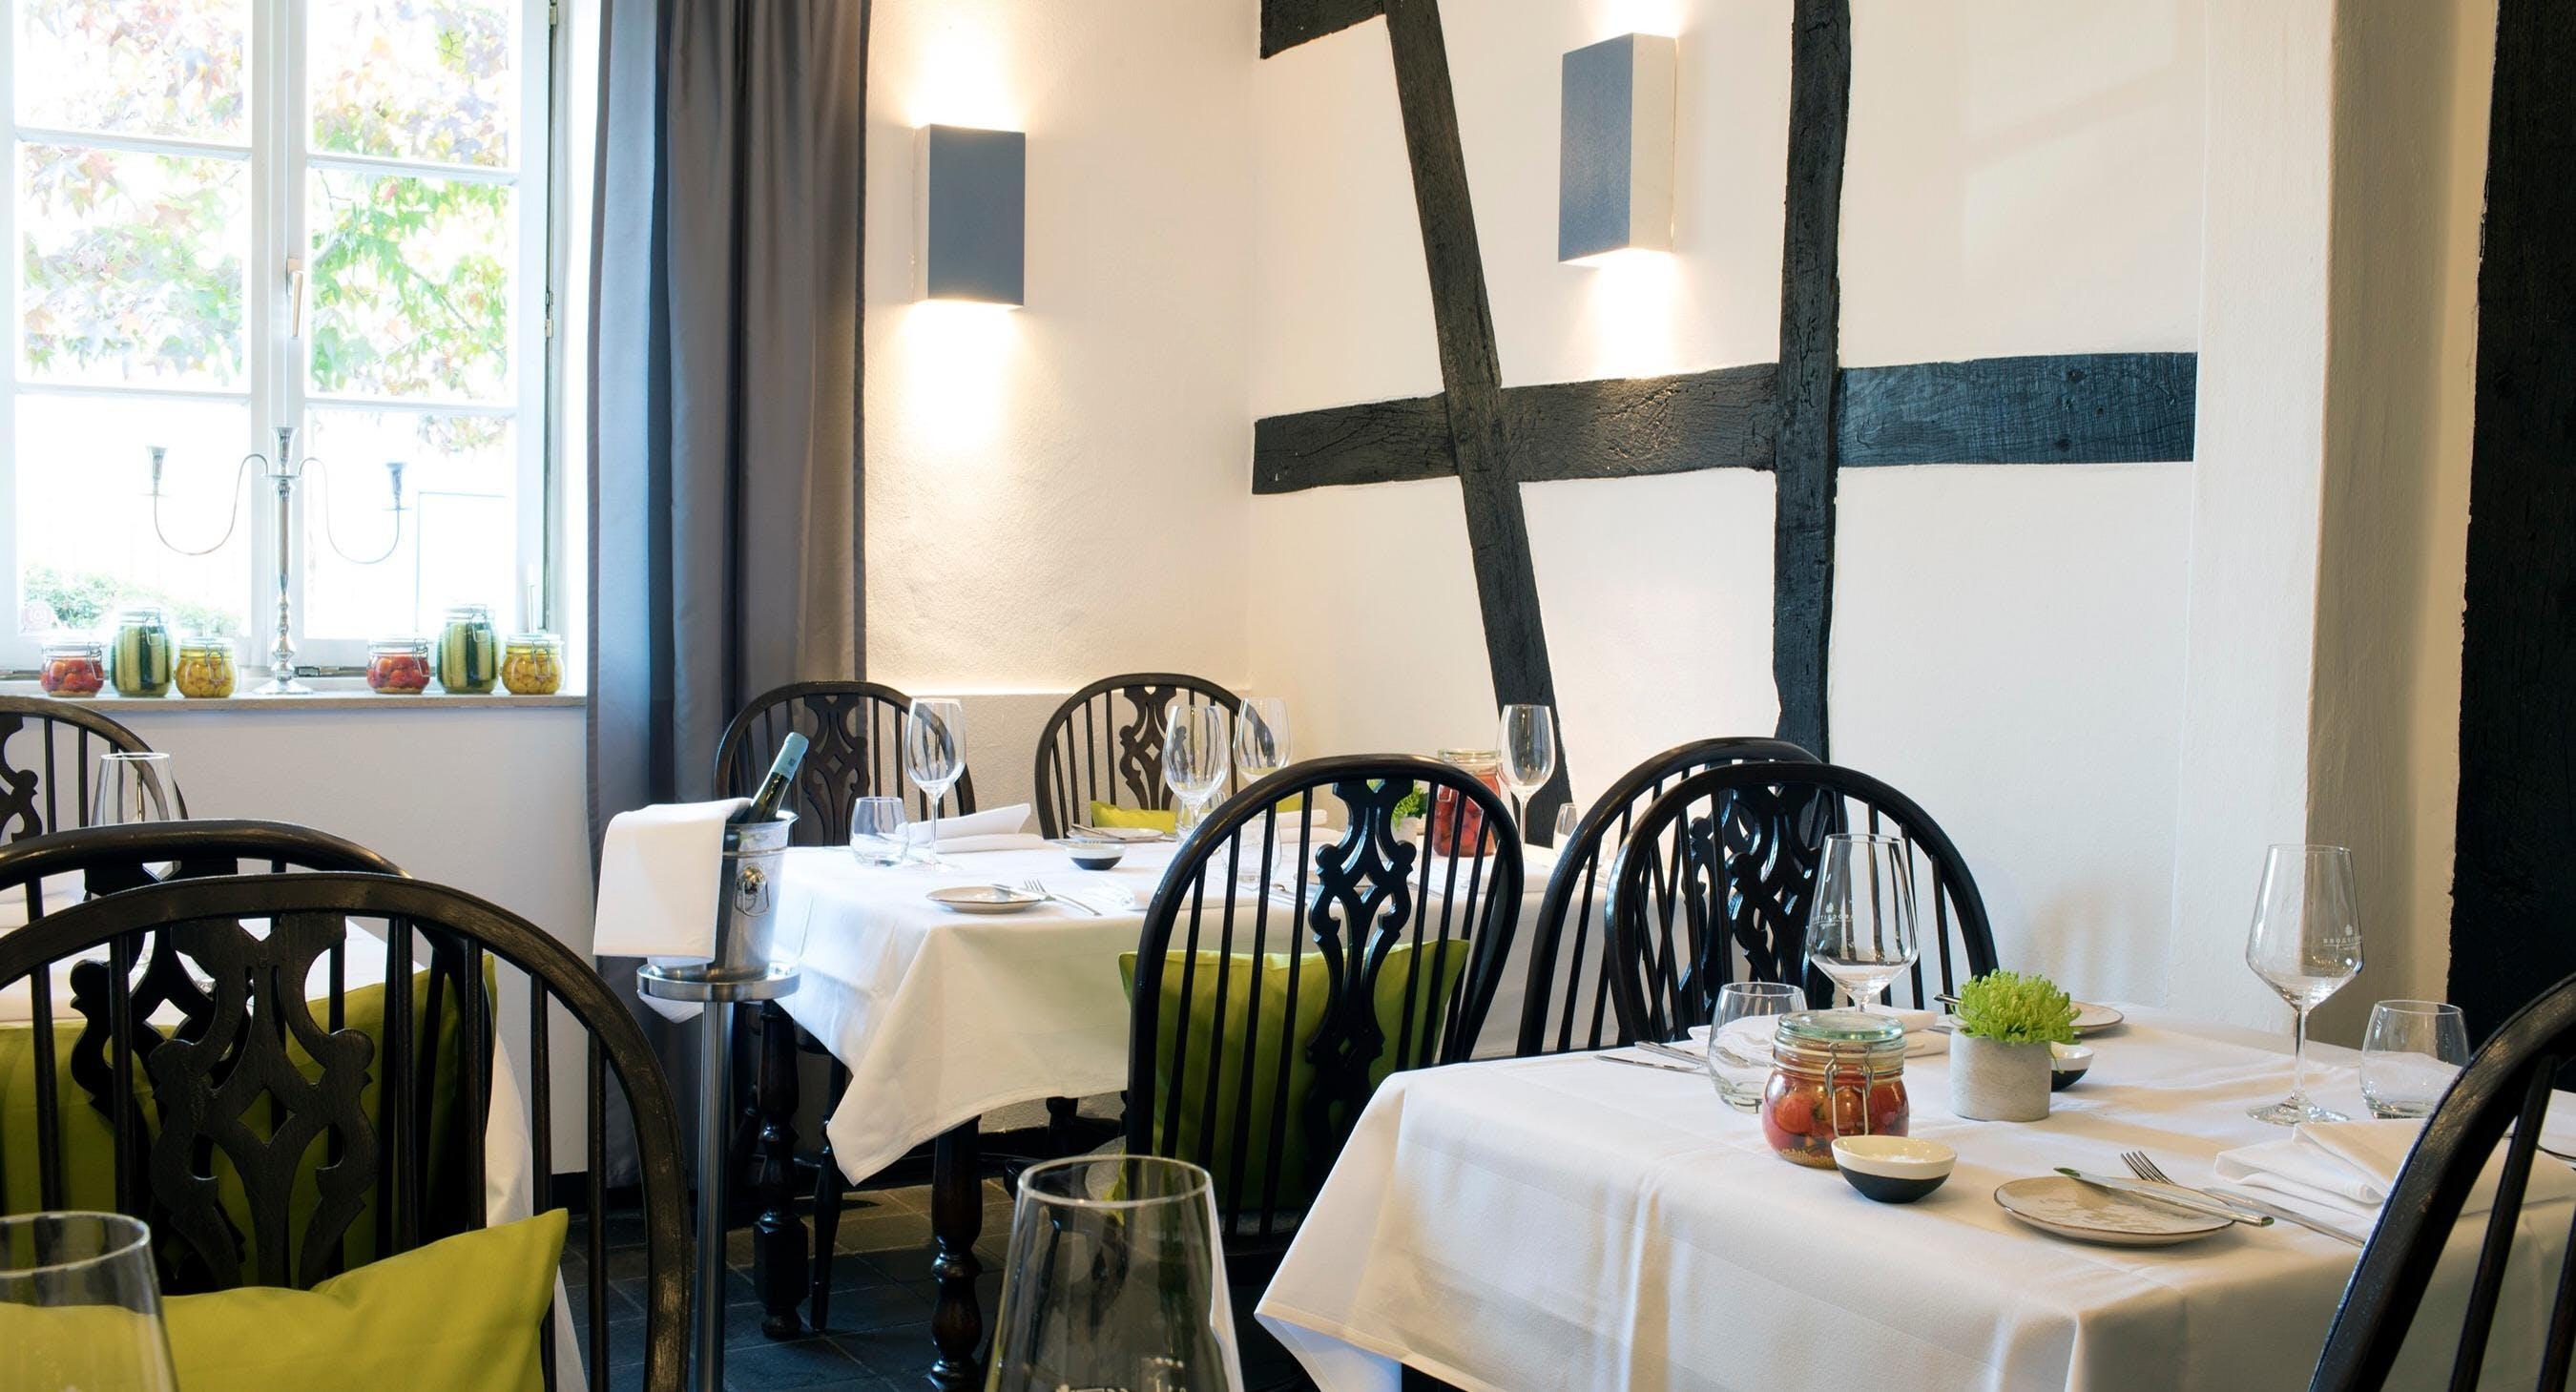 Restaurant Anna Seibert feine regionale Küche by Benedikt Frechen